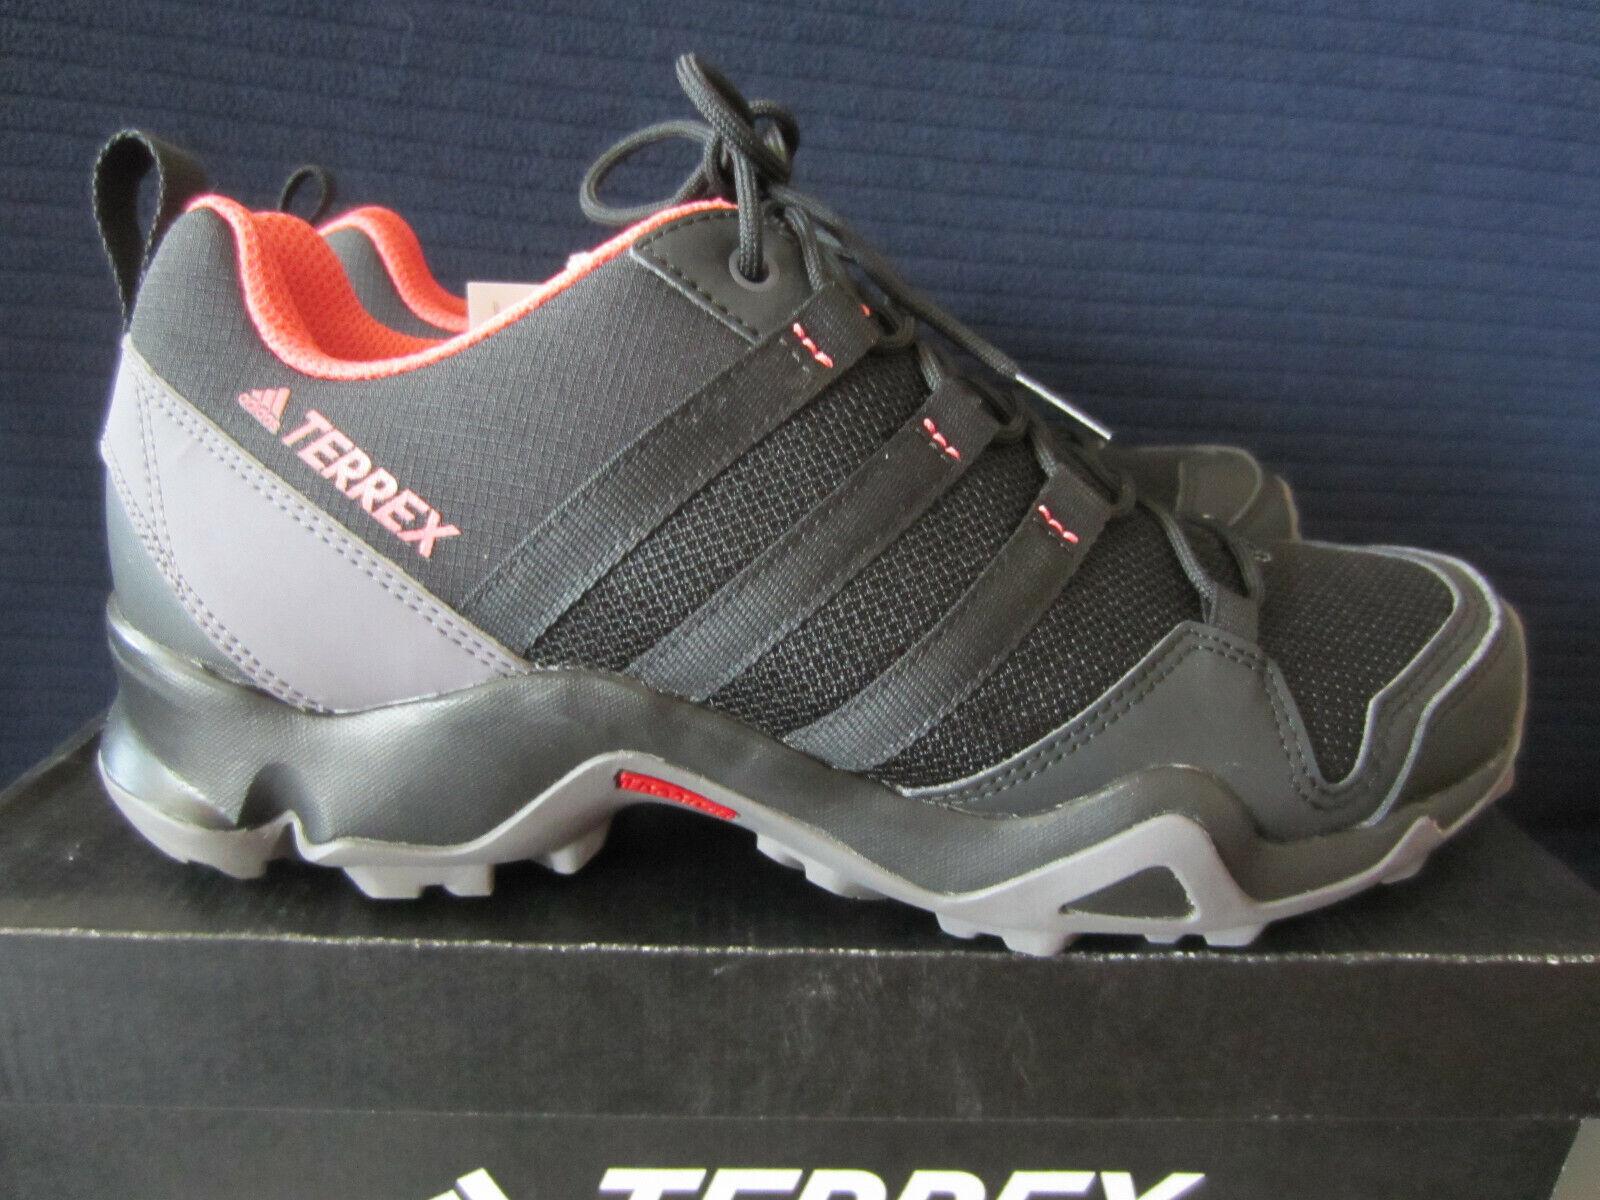 adidas Terrex AX2R, AX3, Tracerocker Damen Outdoorschuhe versch. Farben, Größen